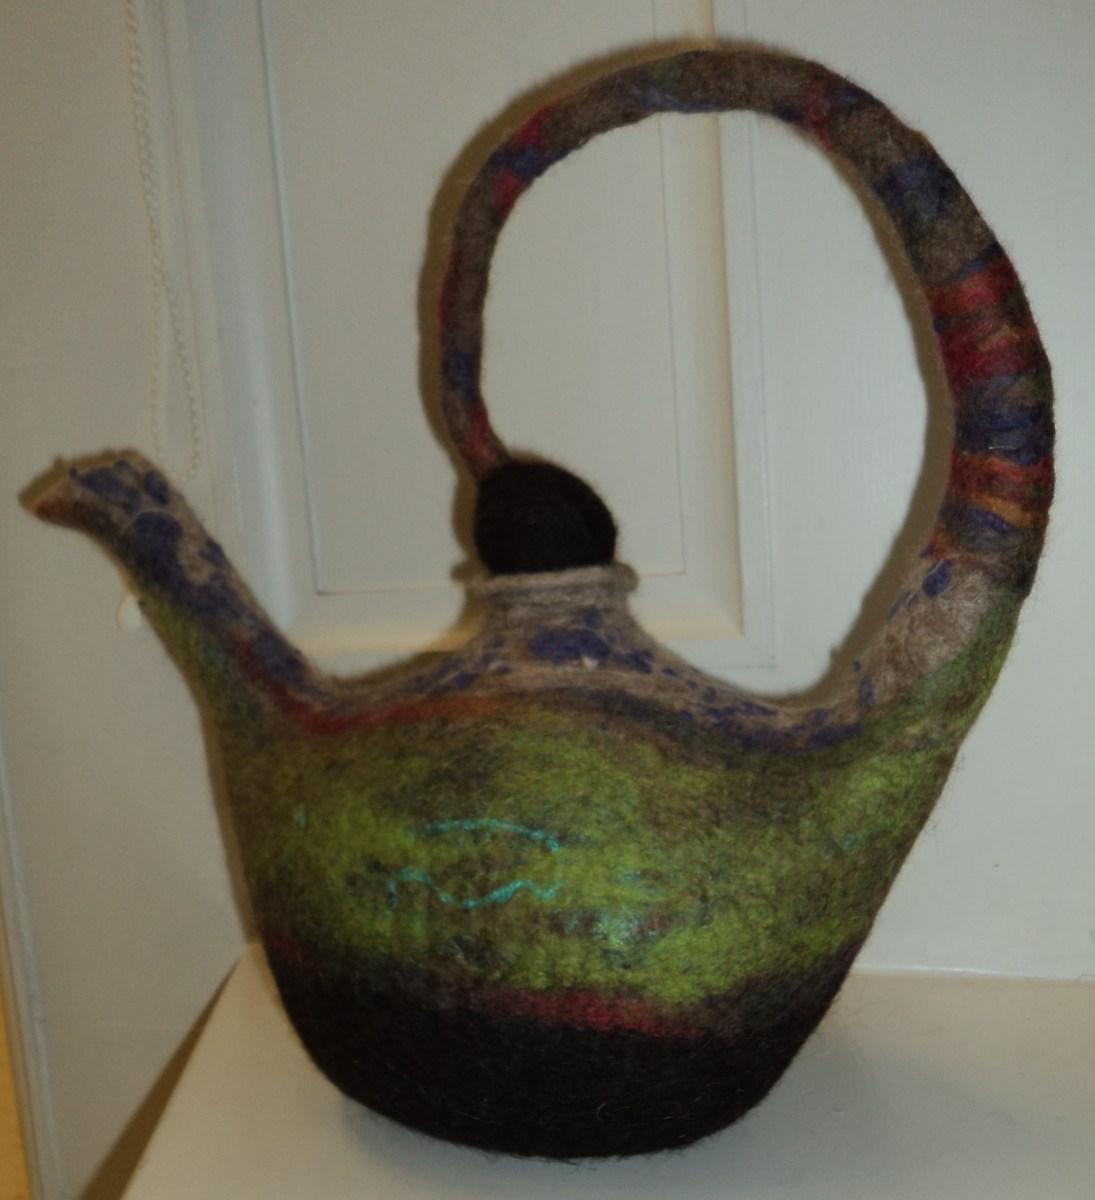 Mat-Hatter-Teapot-by-Kay-McKenna